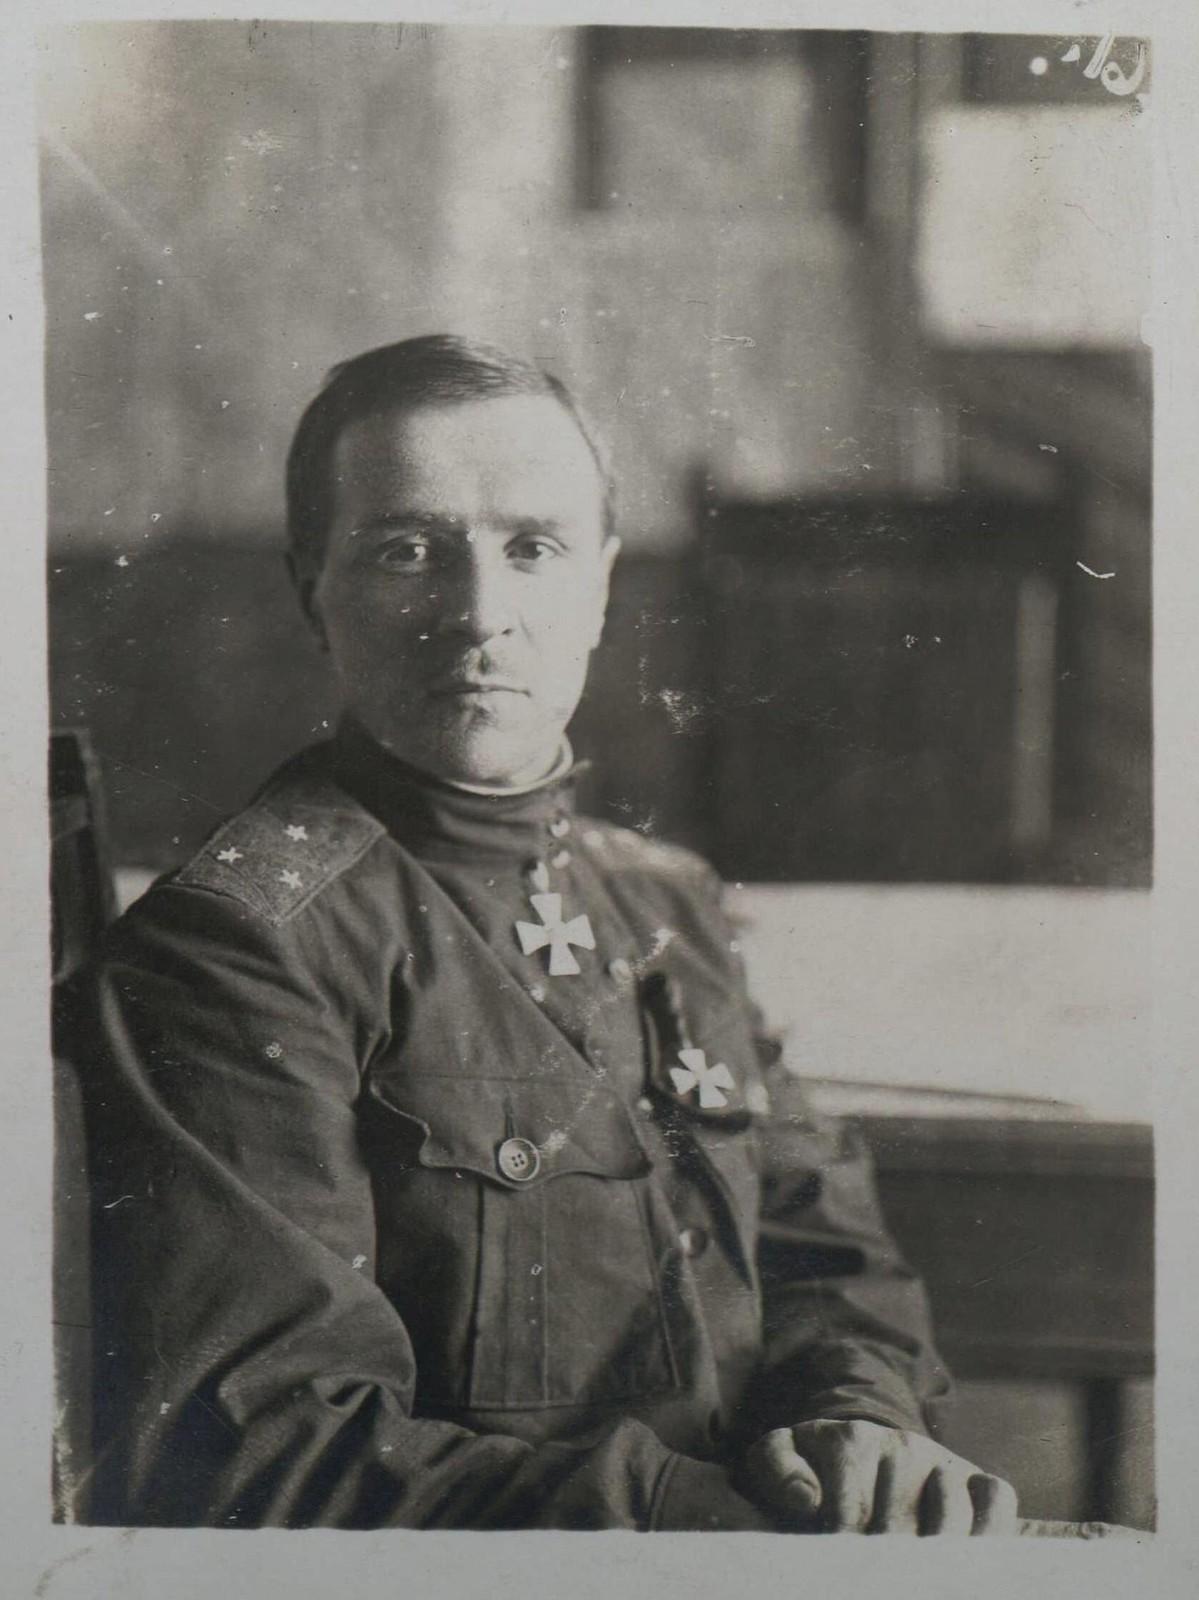 23. Генерал от кавалерии Павел Николаевич Шатилов